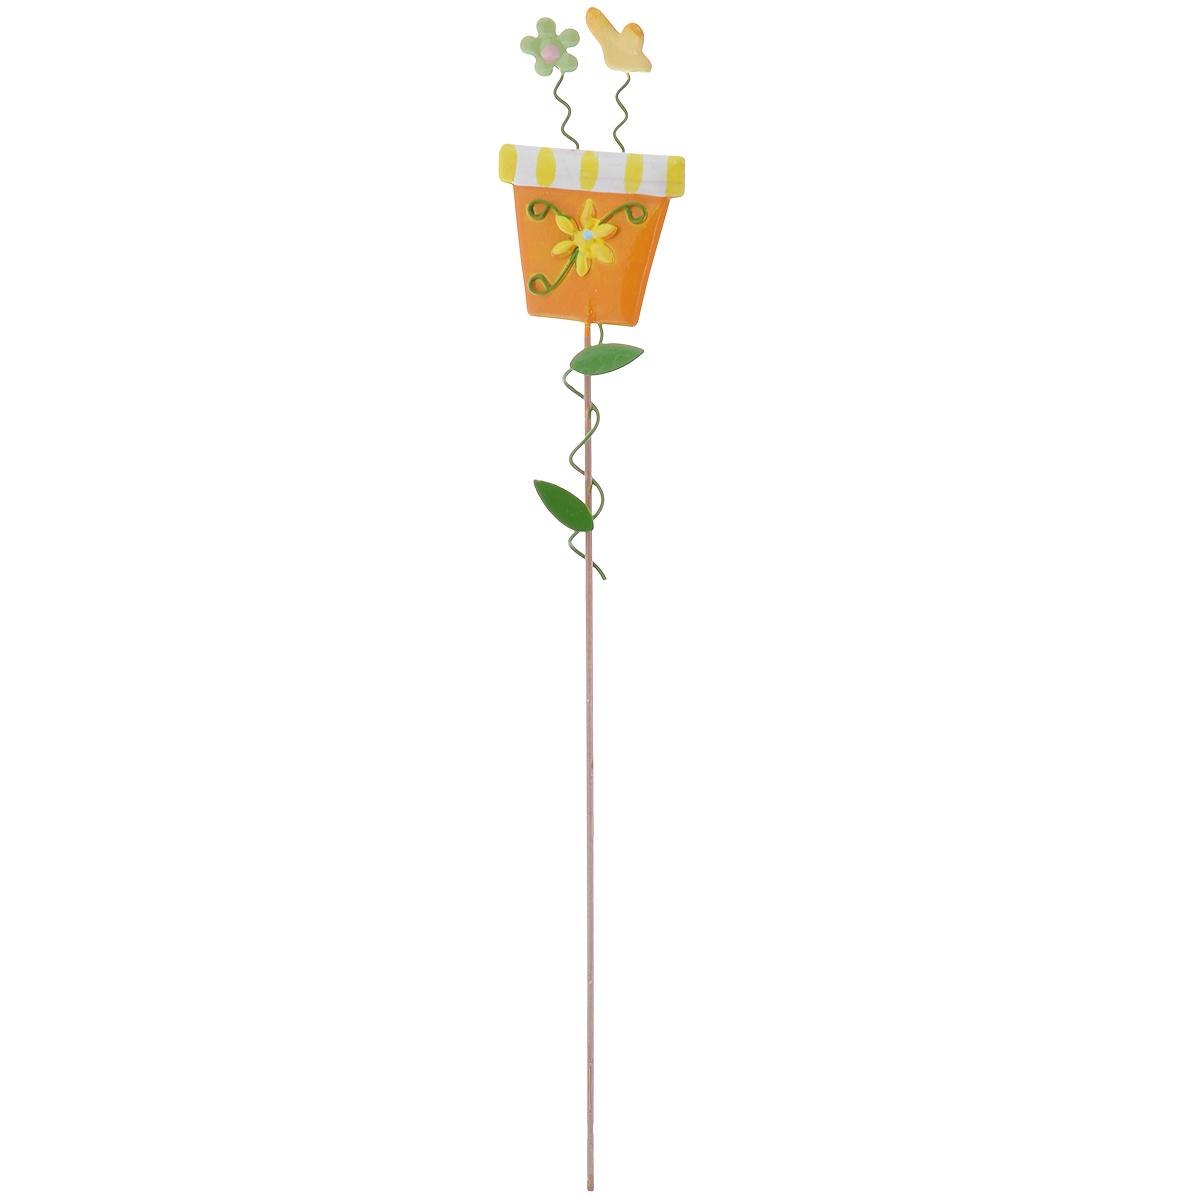 Украшение на ножке Village People Солнечная клумба, цвет: оранжевый, высота 30 см67161_3Украшение на ножке Village People Солнечная клумба поможет вам дополнить экстерьер красивой и яркой деталью. Такое украшение очень просто вставляется в землю с помощью длинной ножки, оно отлично переносит любые погодные условия и прослужит долгое время. Идеально подходит для декорирования садового участка, грядок, клумб, домашних цветов в горшках, а также для поддержки и правильного роста декоративных растений.Размер декоративного элемента: 4,5 см х 7,5 см. Высота: 30 см.